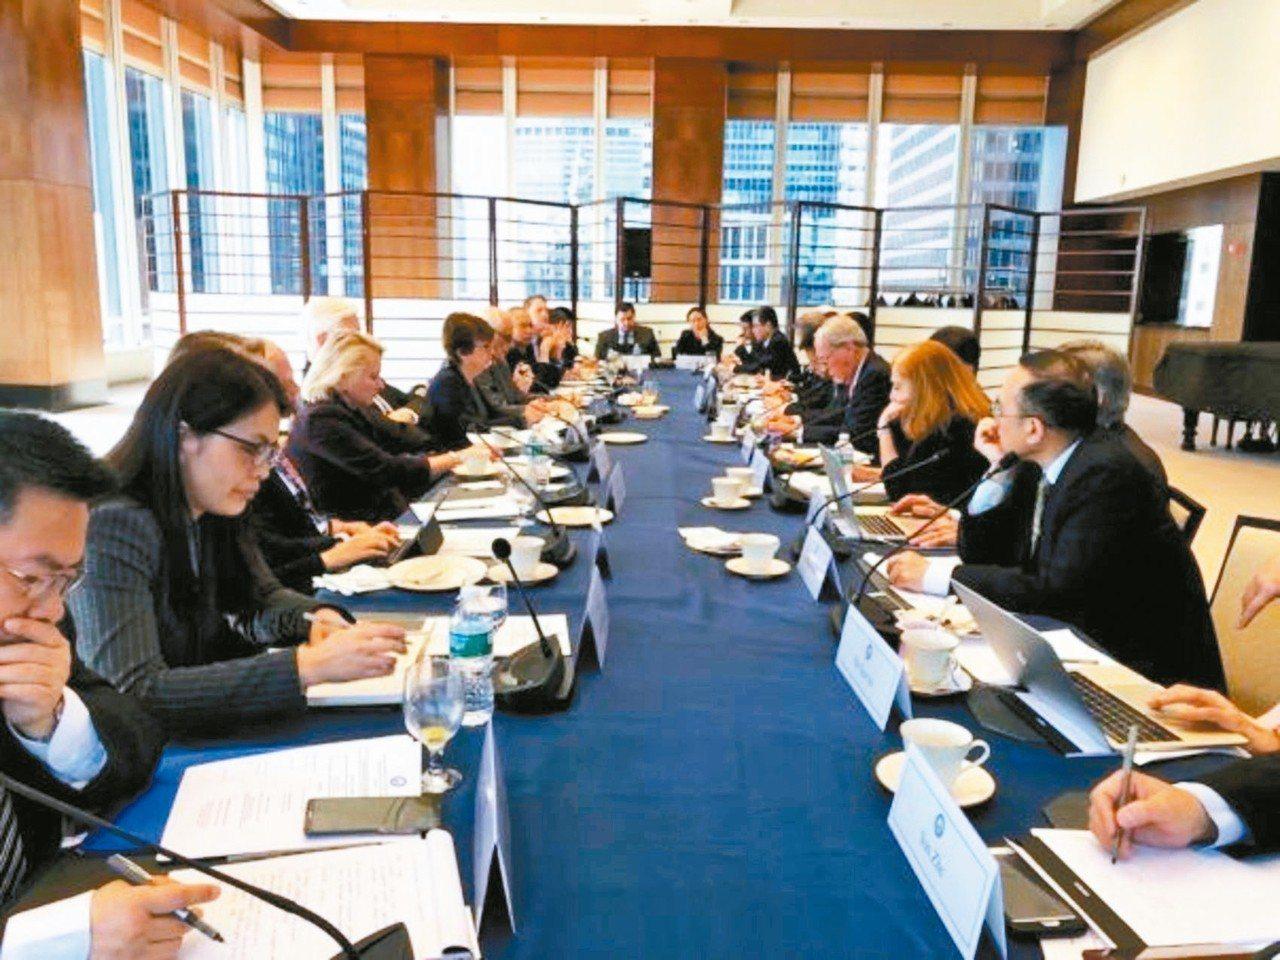 美智庫發布報告指出,未來幾個月兩岸風險可能提升,建議三方在台灣與美國總統選舉期間...